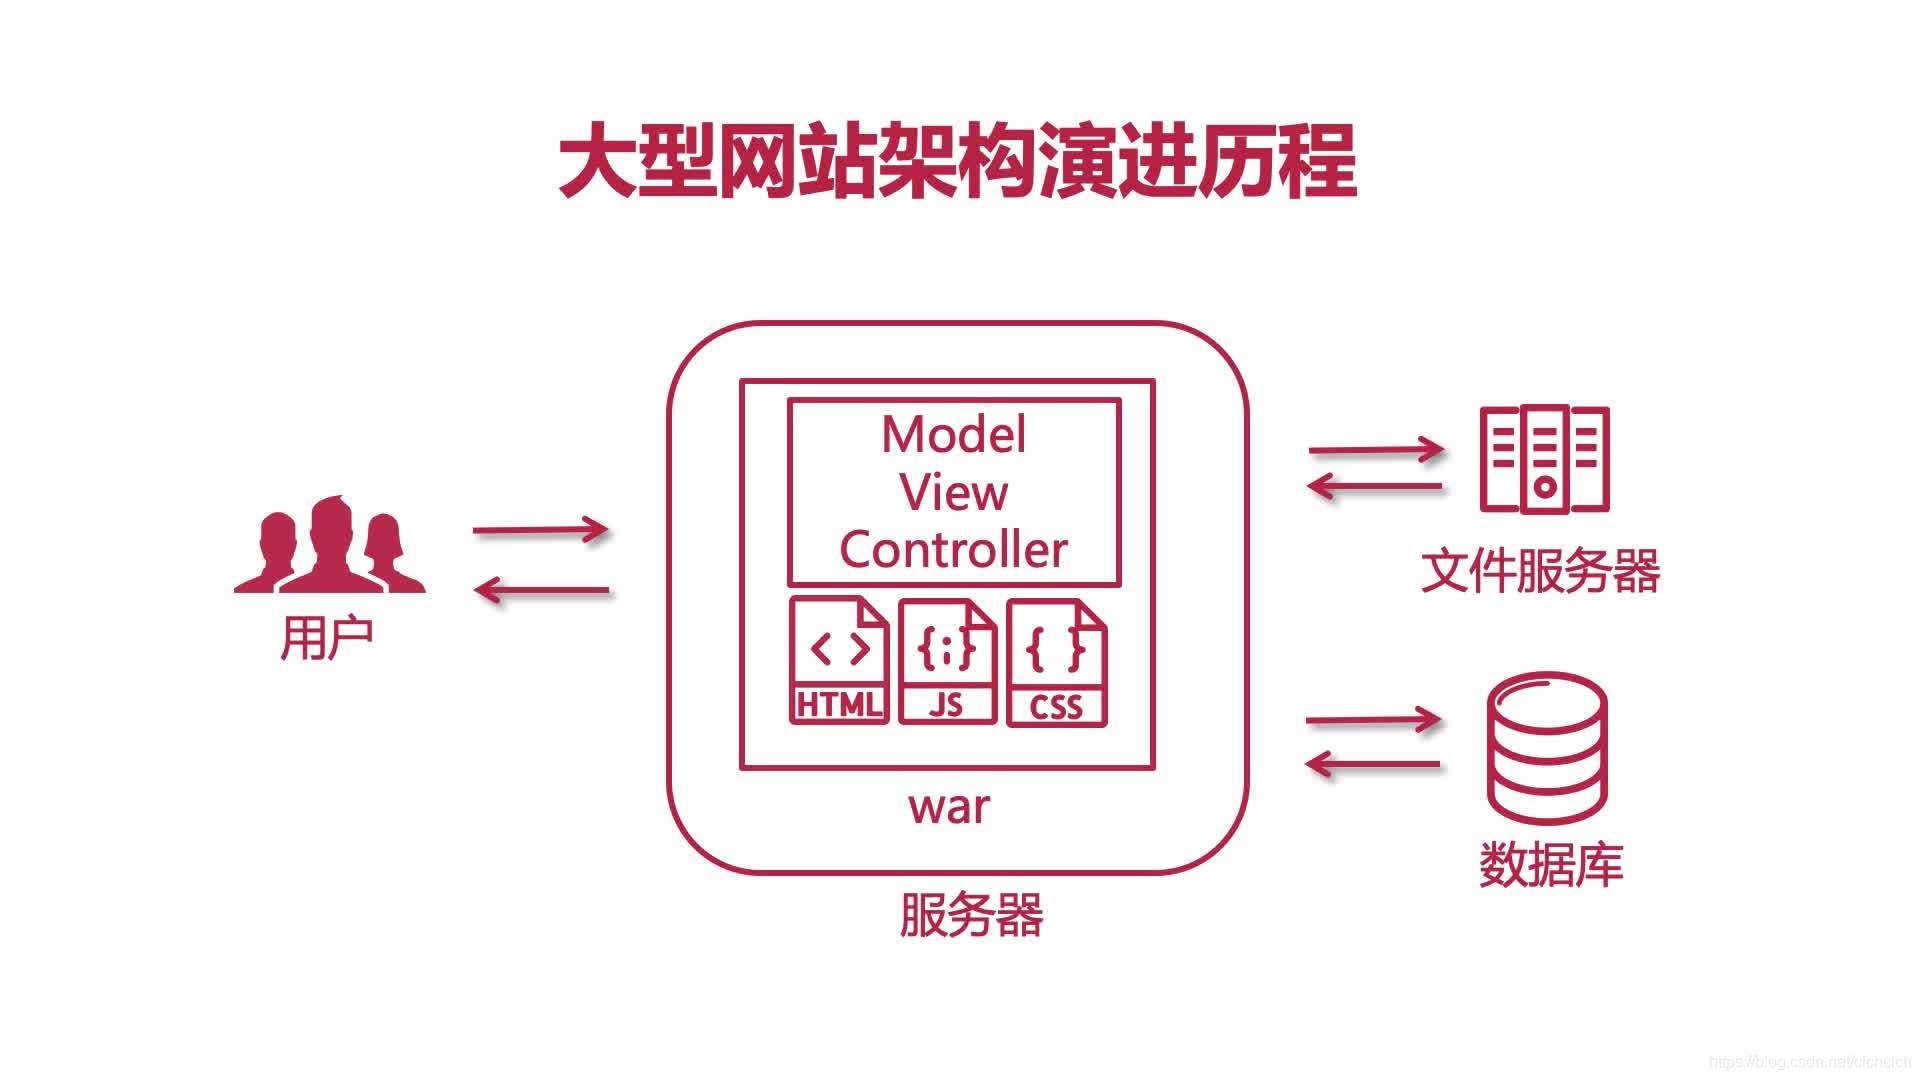 架构演进版本5.0